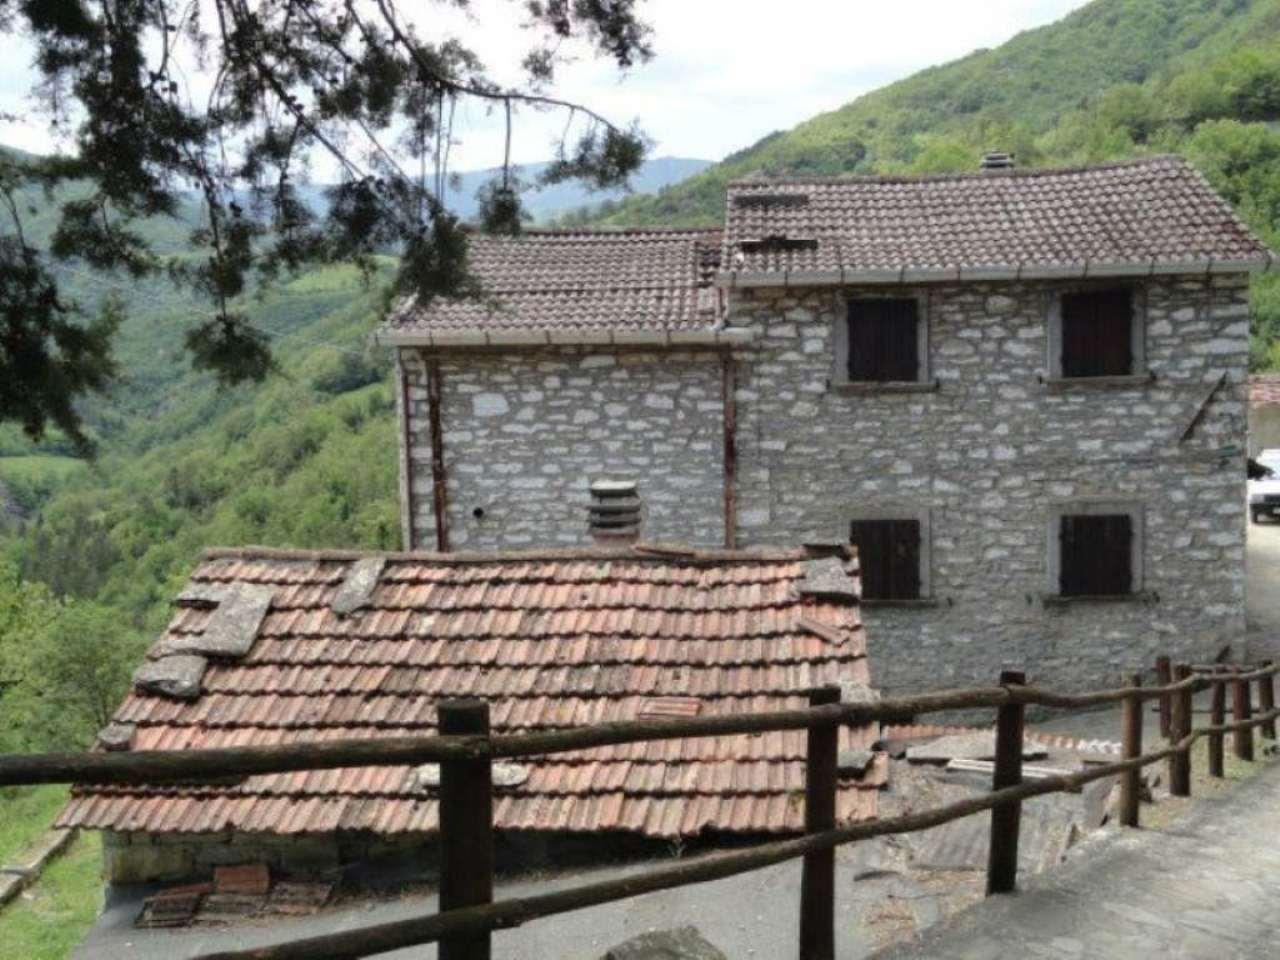 Rustico / Casale in vendita a Santa Sofia, 5 locali, prezzo € 68.000   Cambio Casa.it